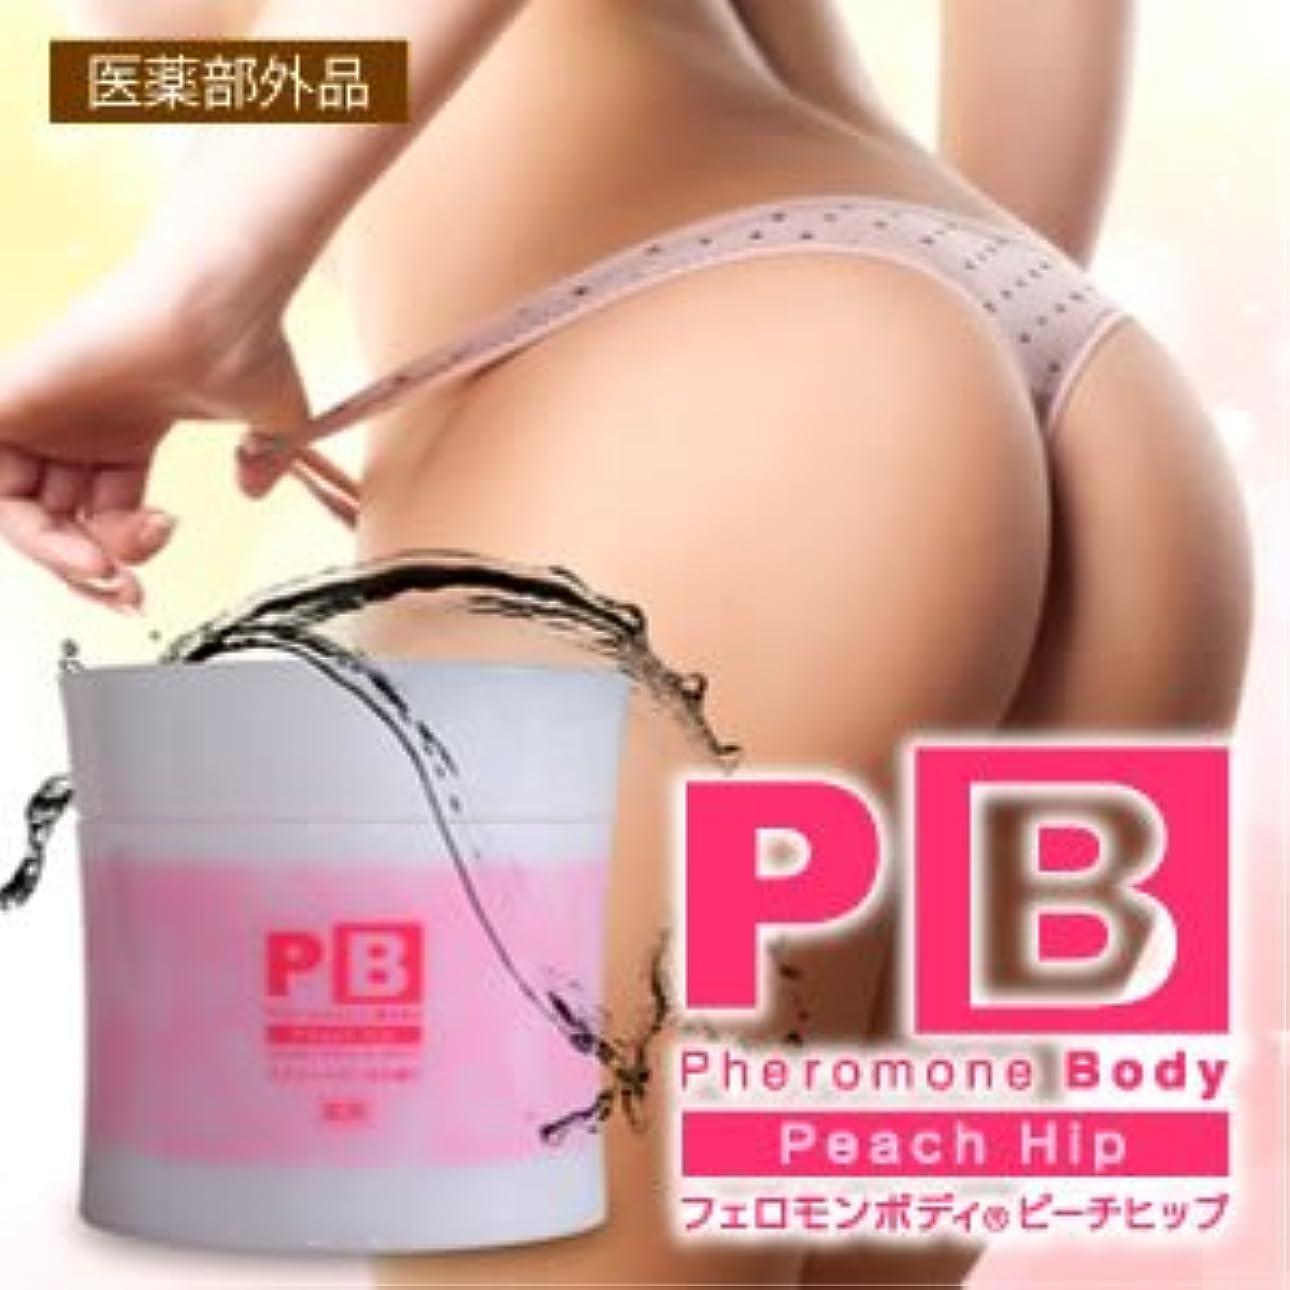 コンドーム初期突然薬用フェロモンボディピーチヒップ 500g×3個セット【今ならポーチプレゼント】